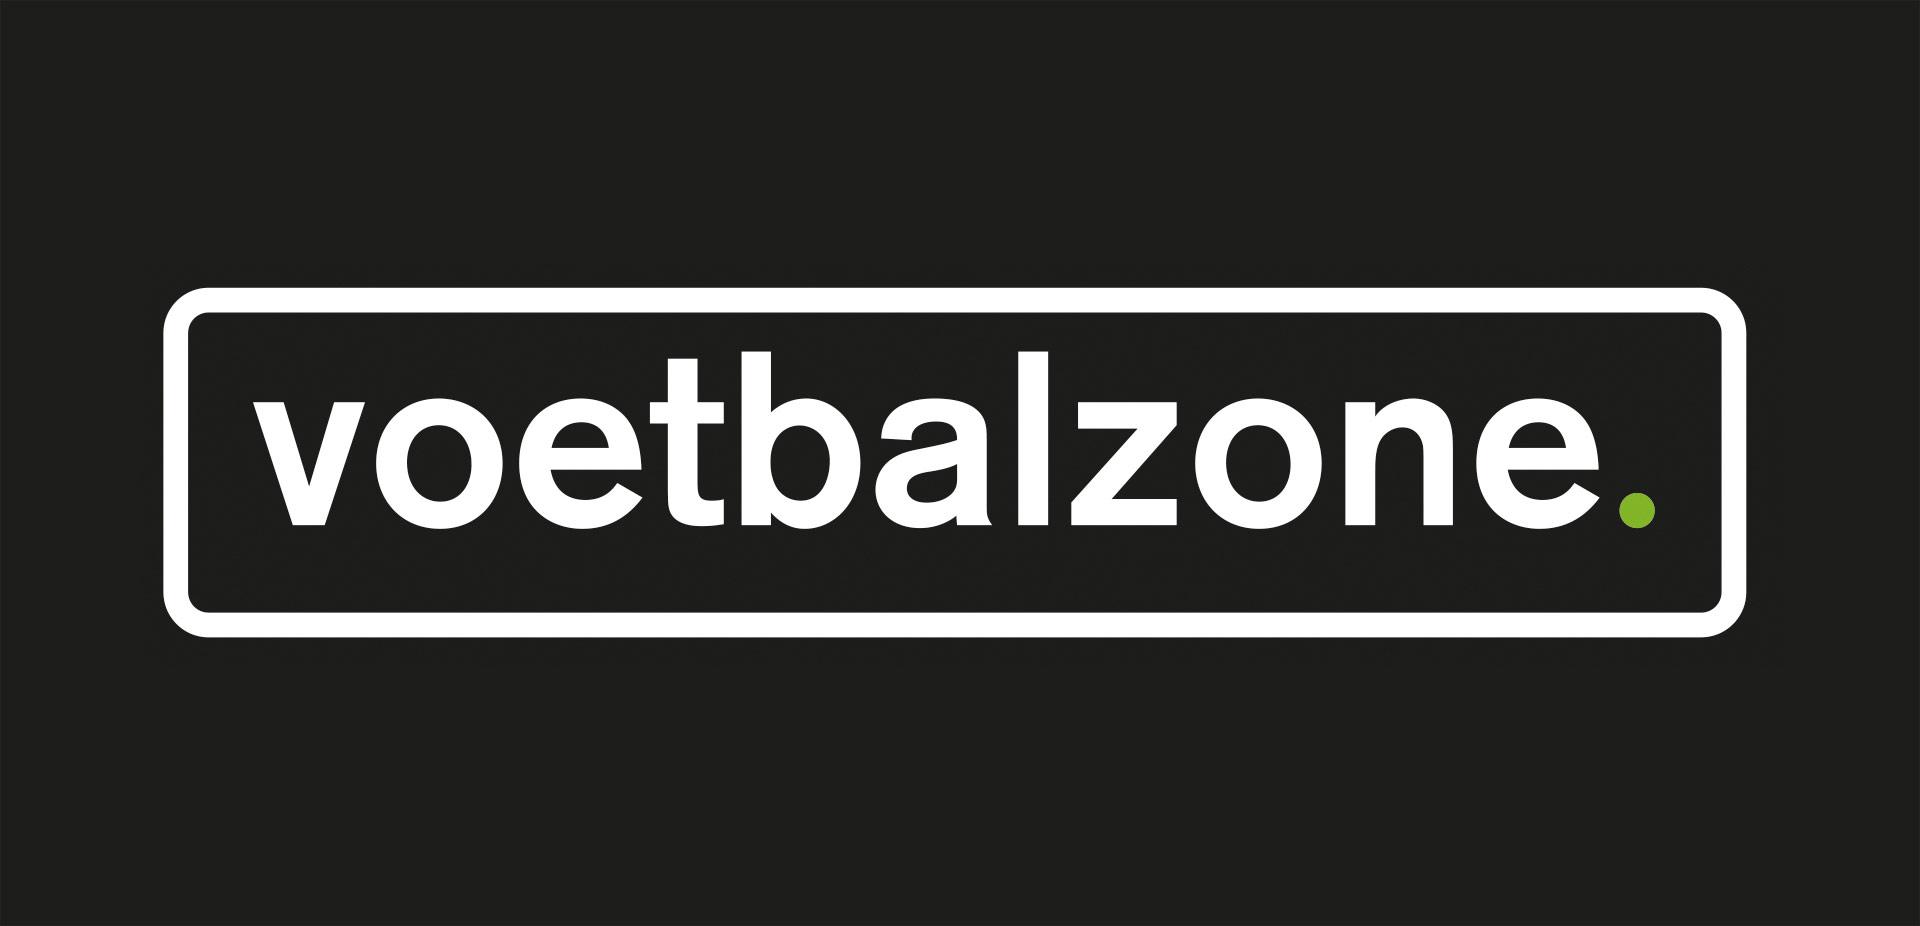 (c) Voetbalzone.nl